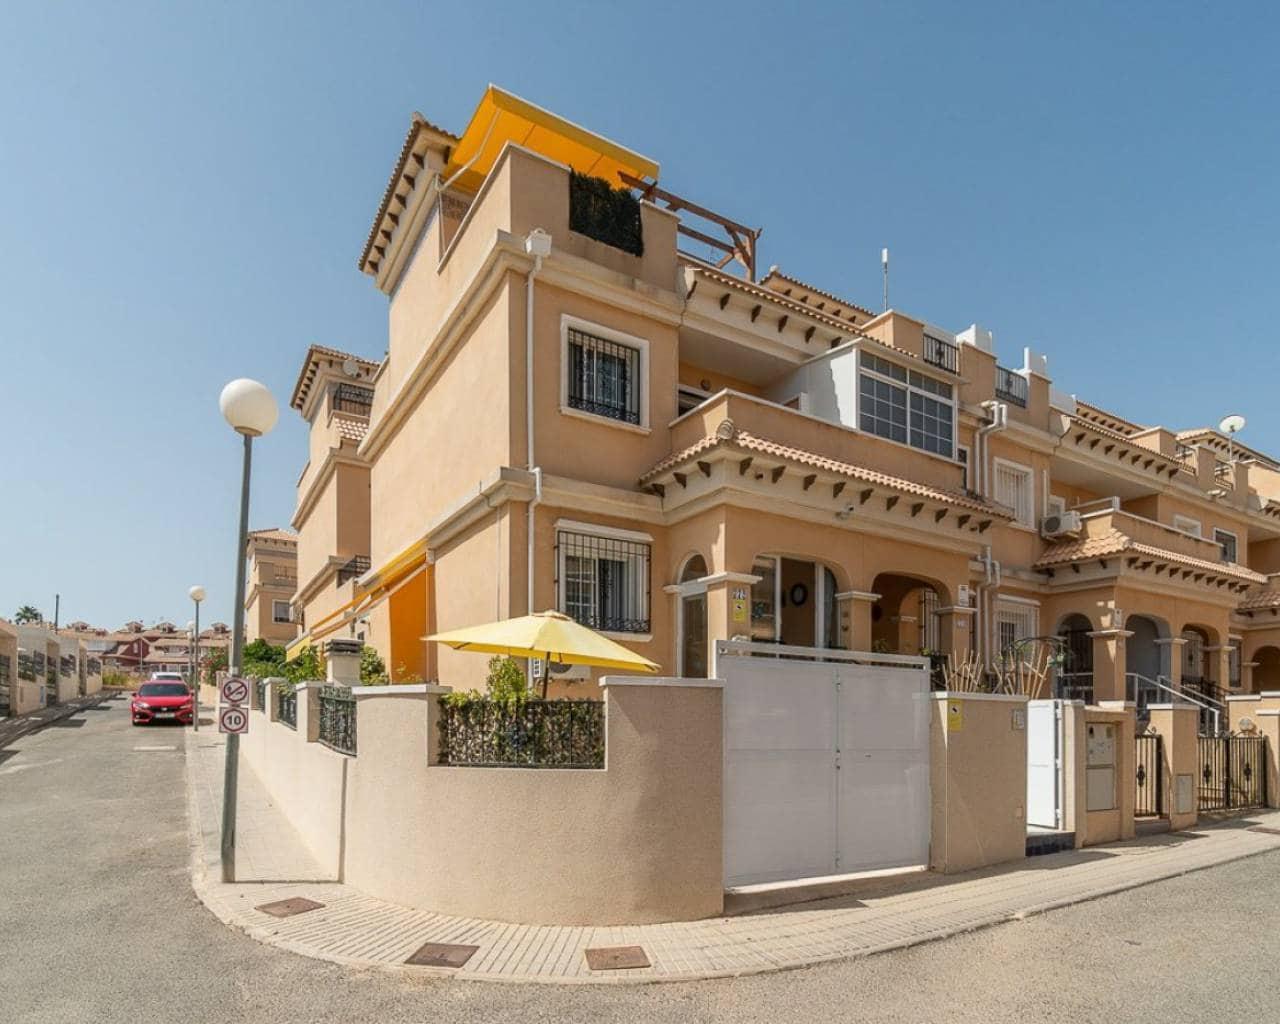 Casa de 3 habitaciones en Orihuela en venta con piscina - 128.000 € (Ref: 4725226)